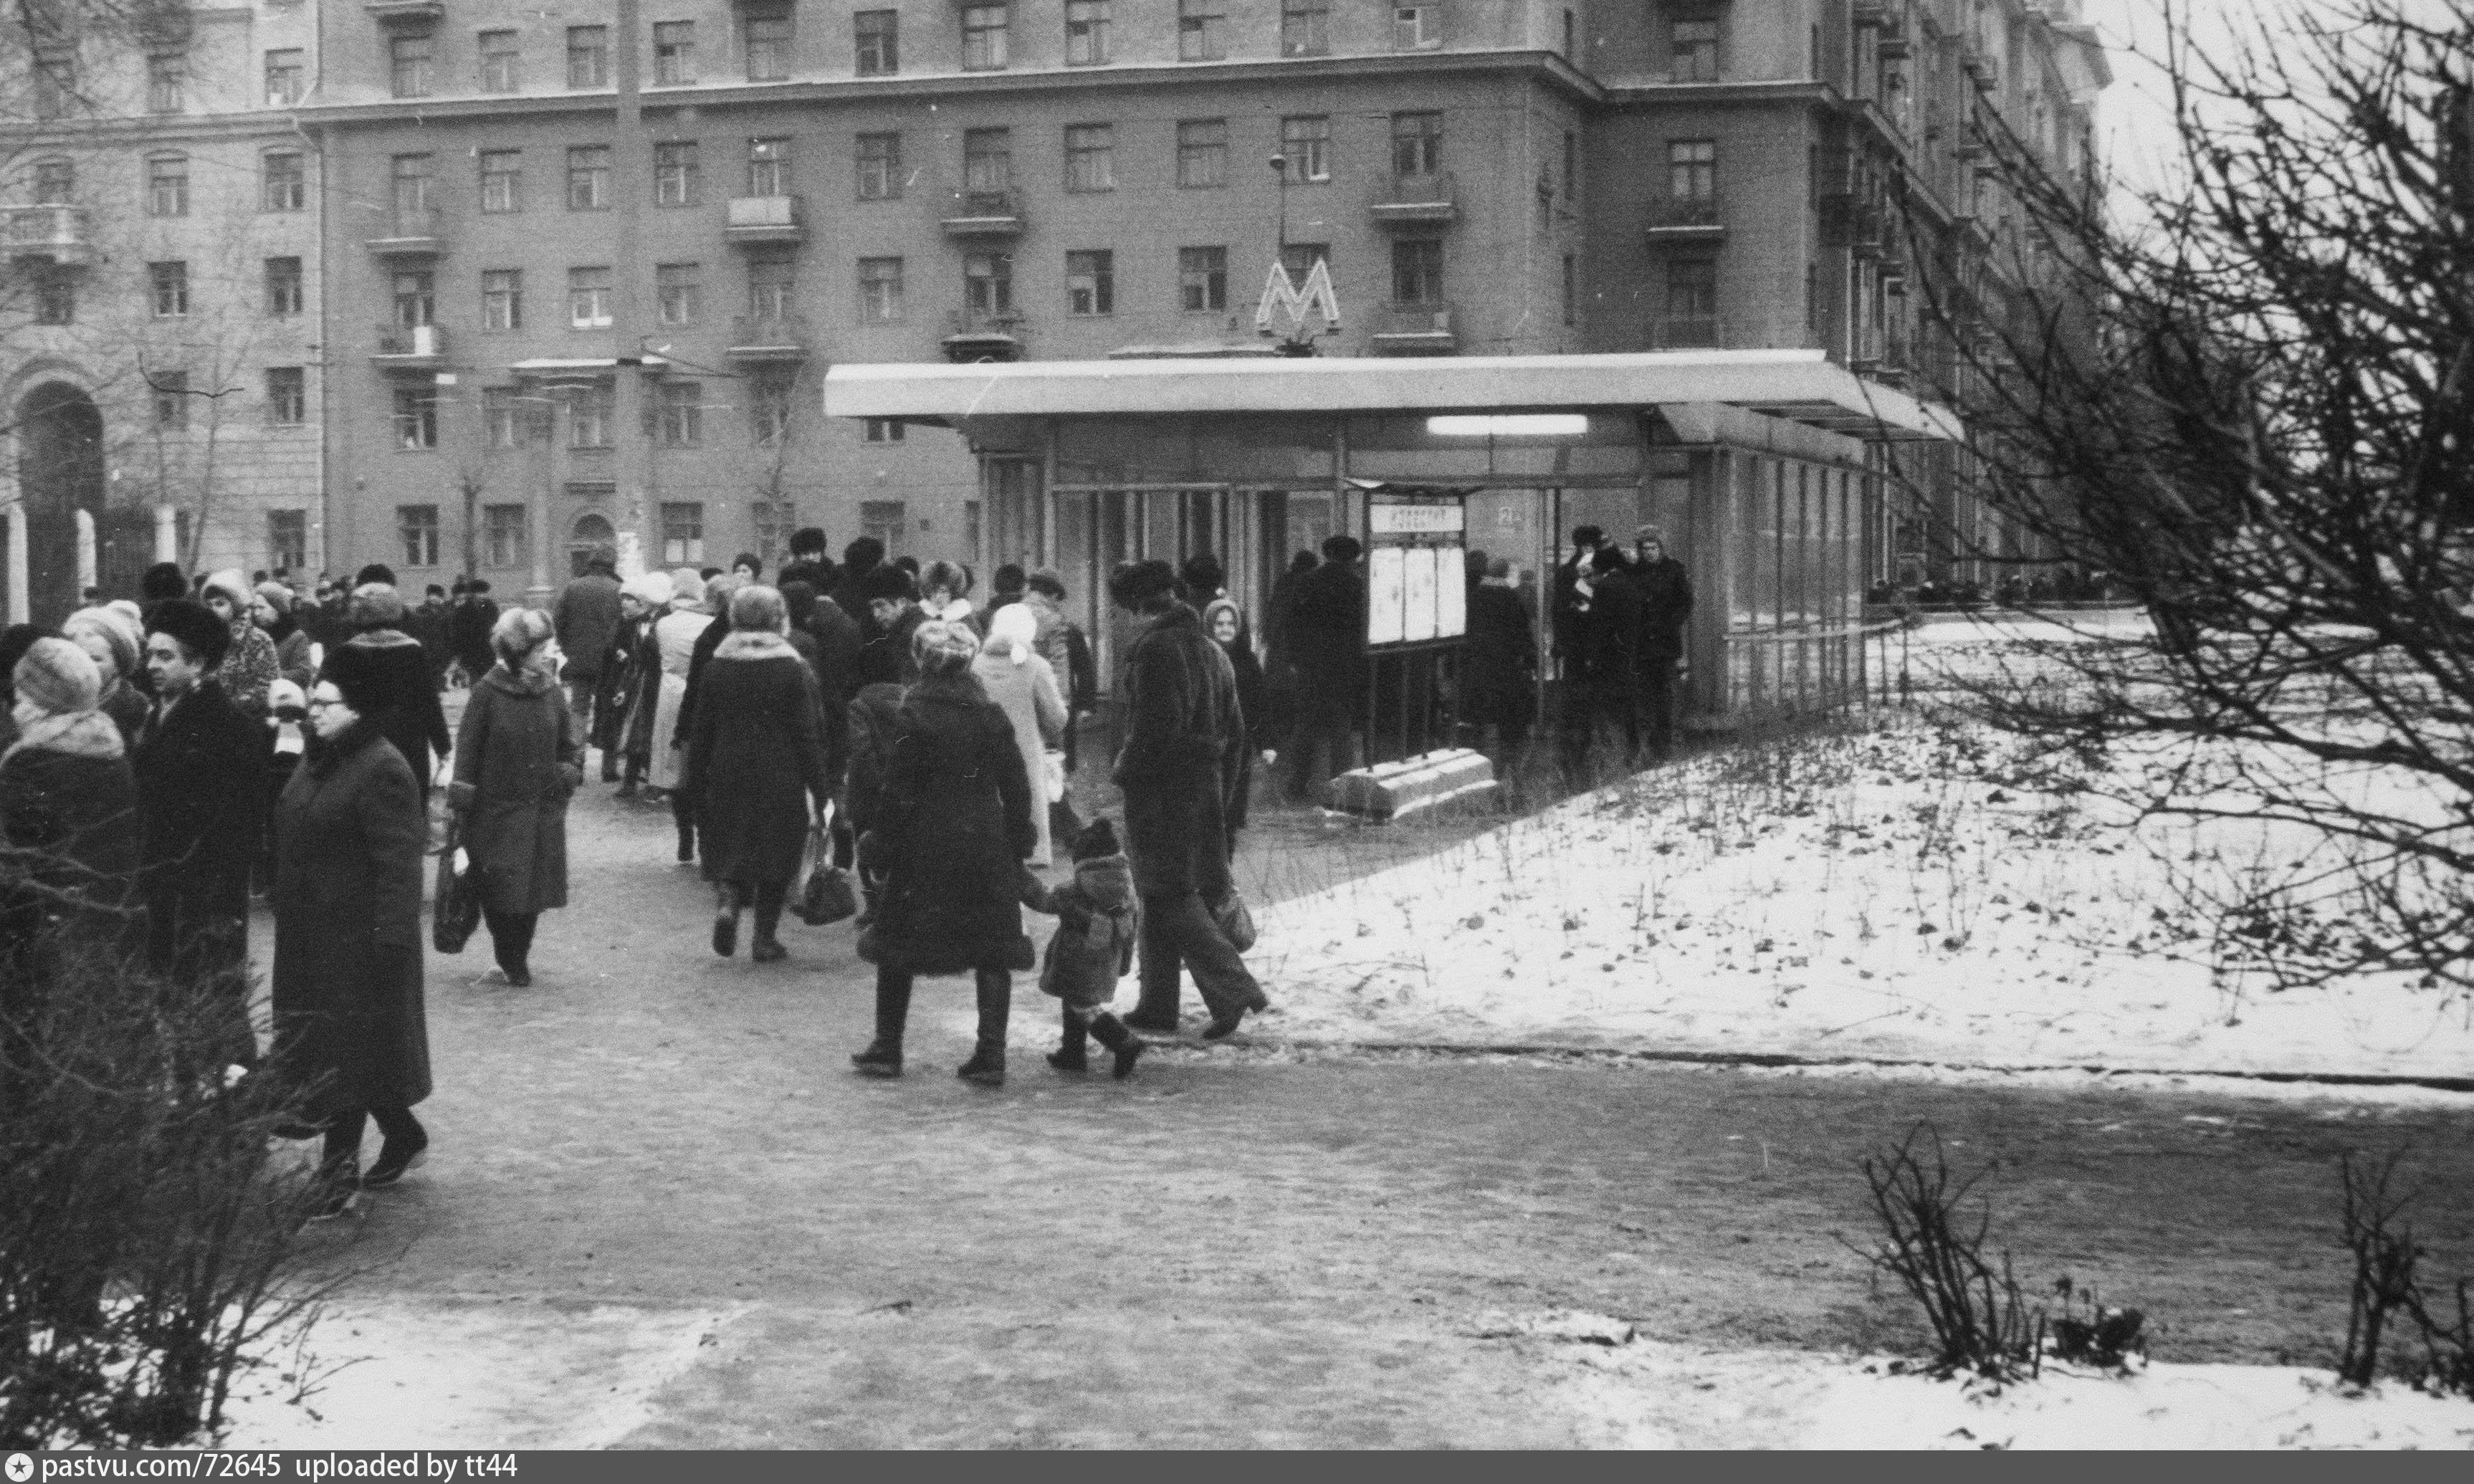 ансамбль реставрация фотографий у метро войковская владелец частного участка